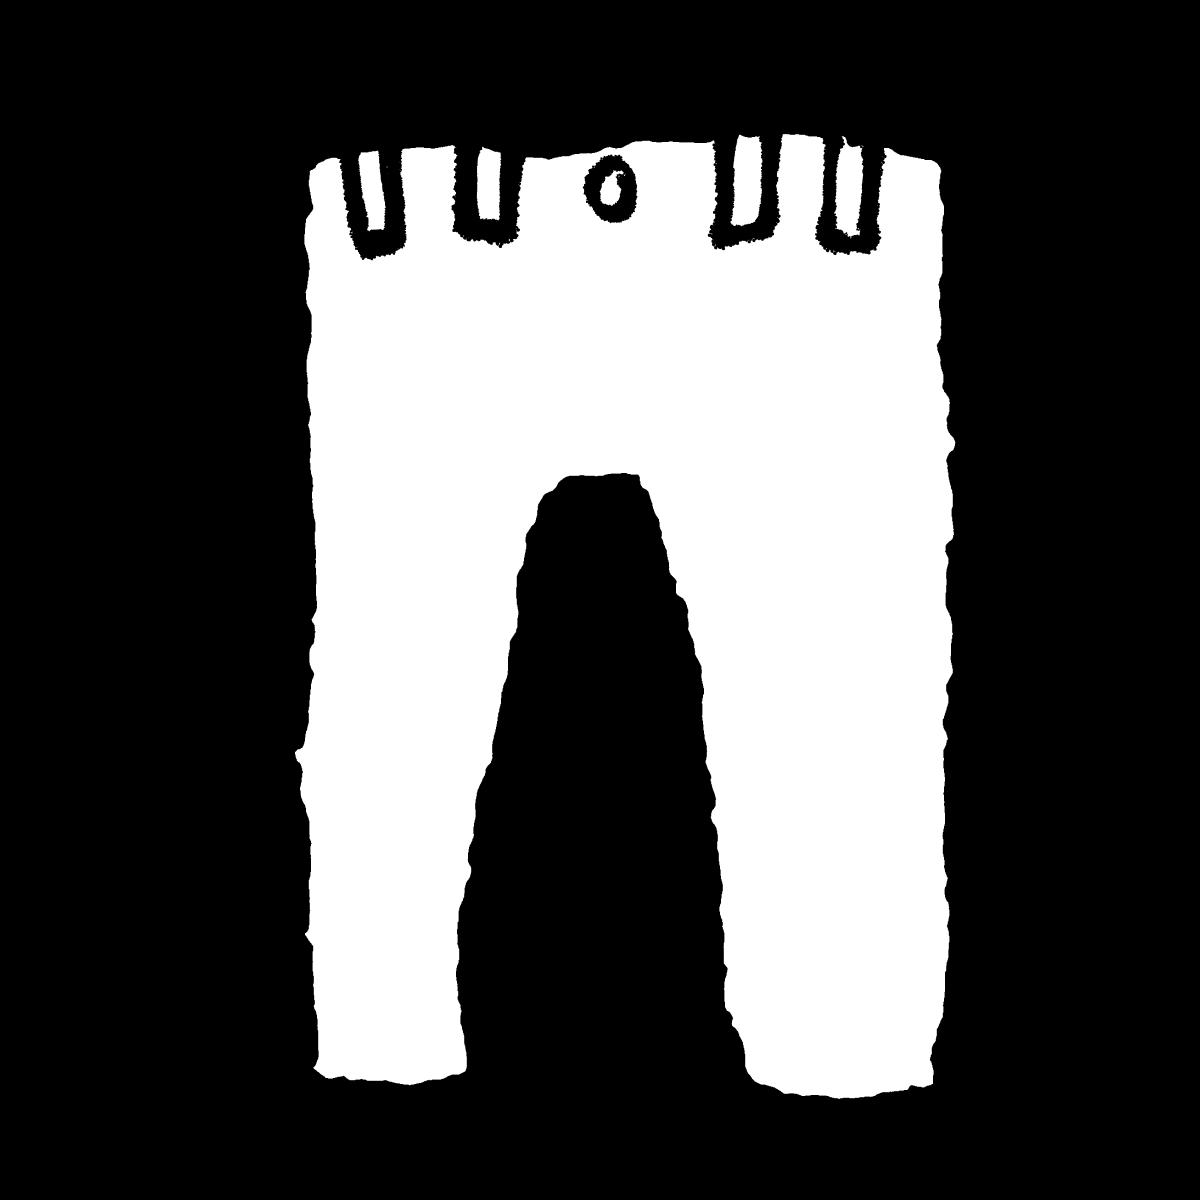 パンツのイラスト / Underpants Illustration